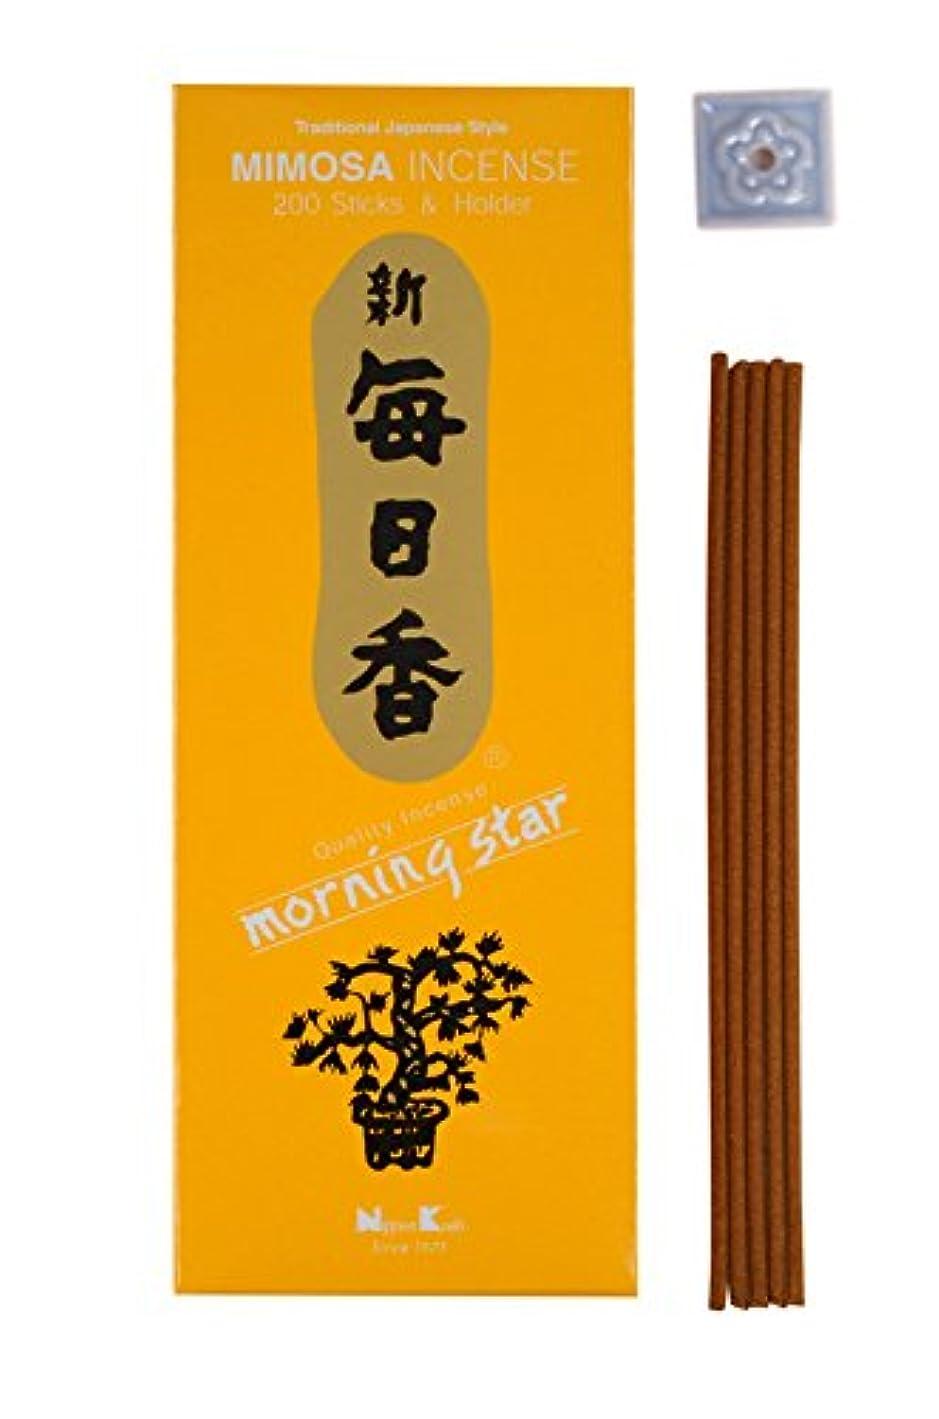 のぞき見始める委任する日本香堂 モーニングスター ミモザ200本